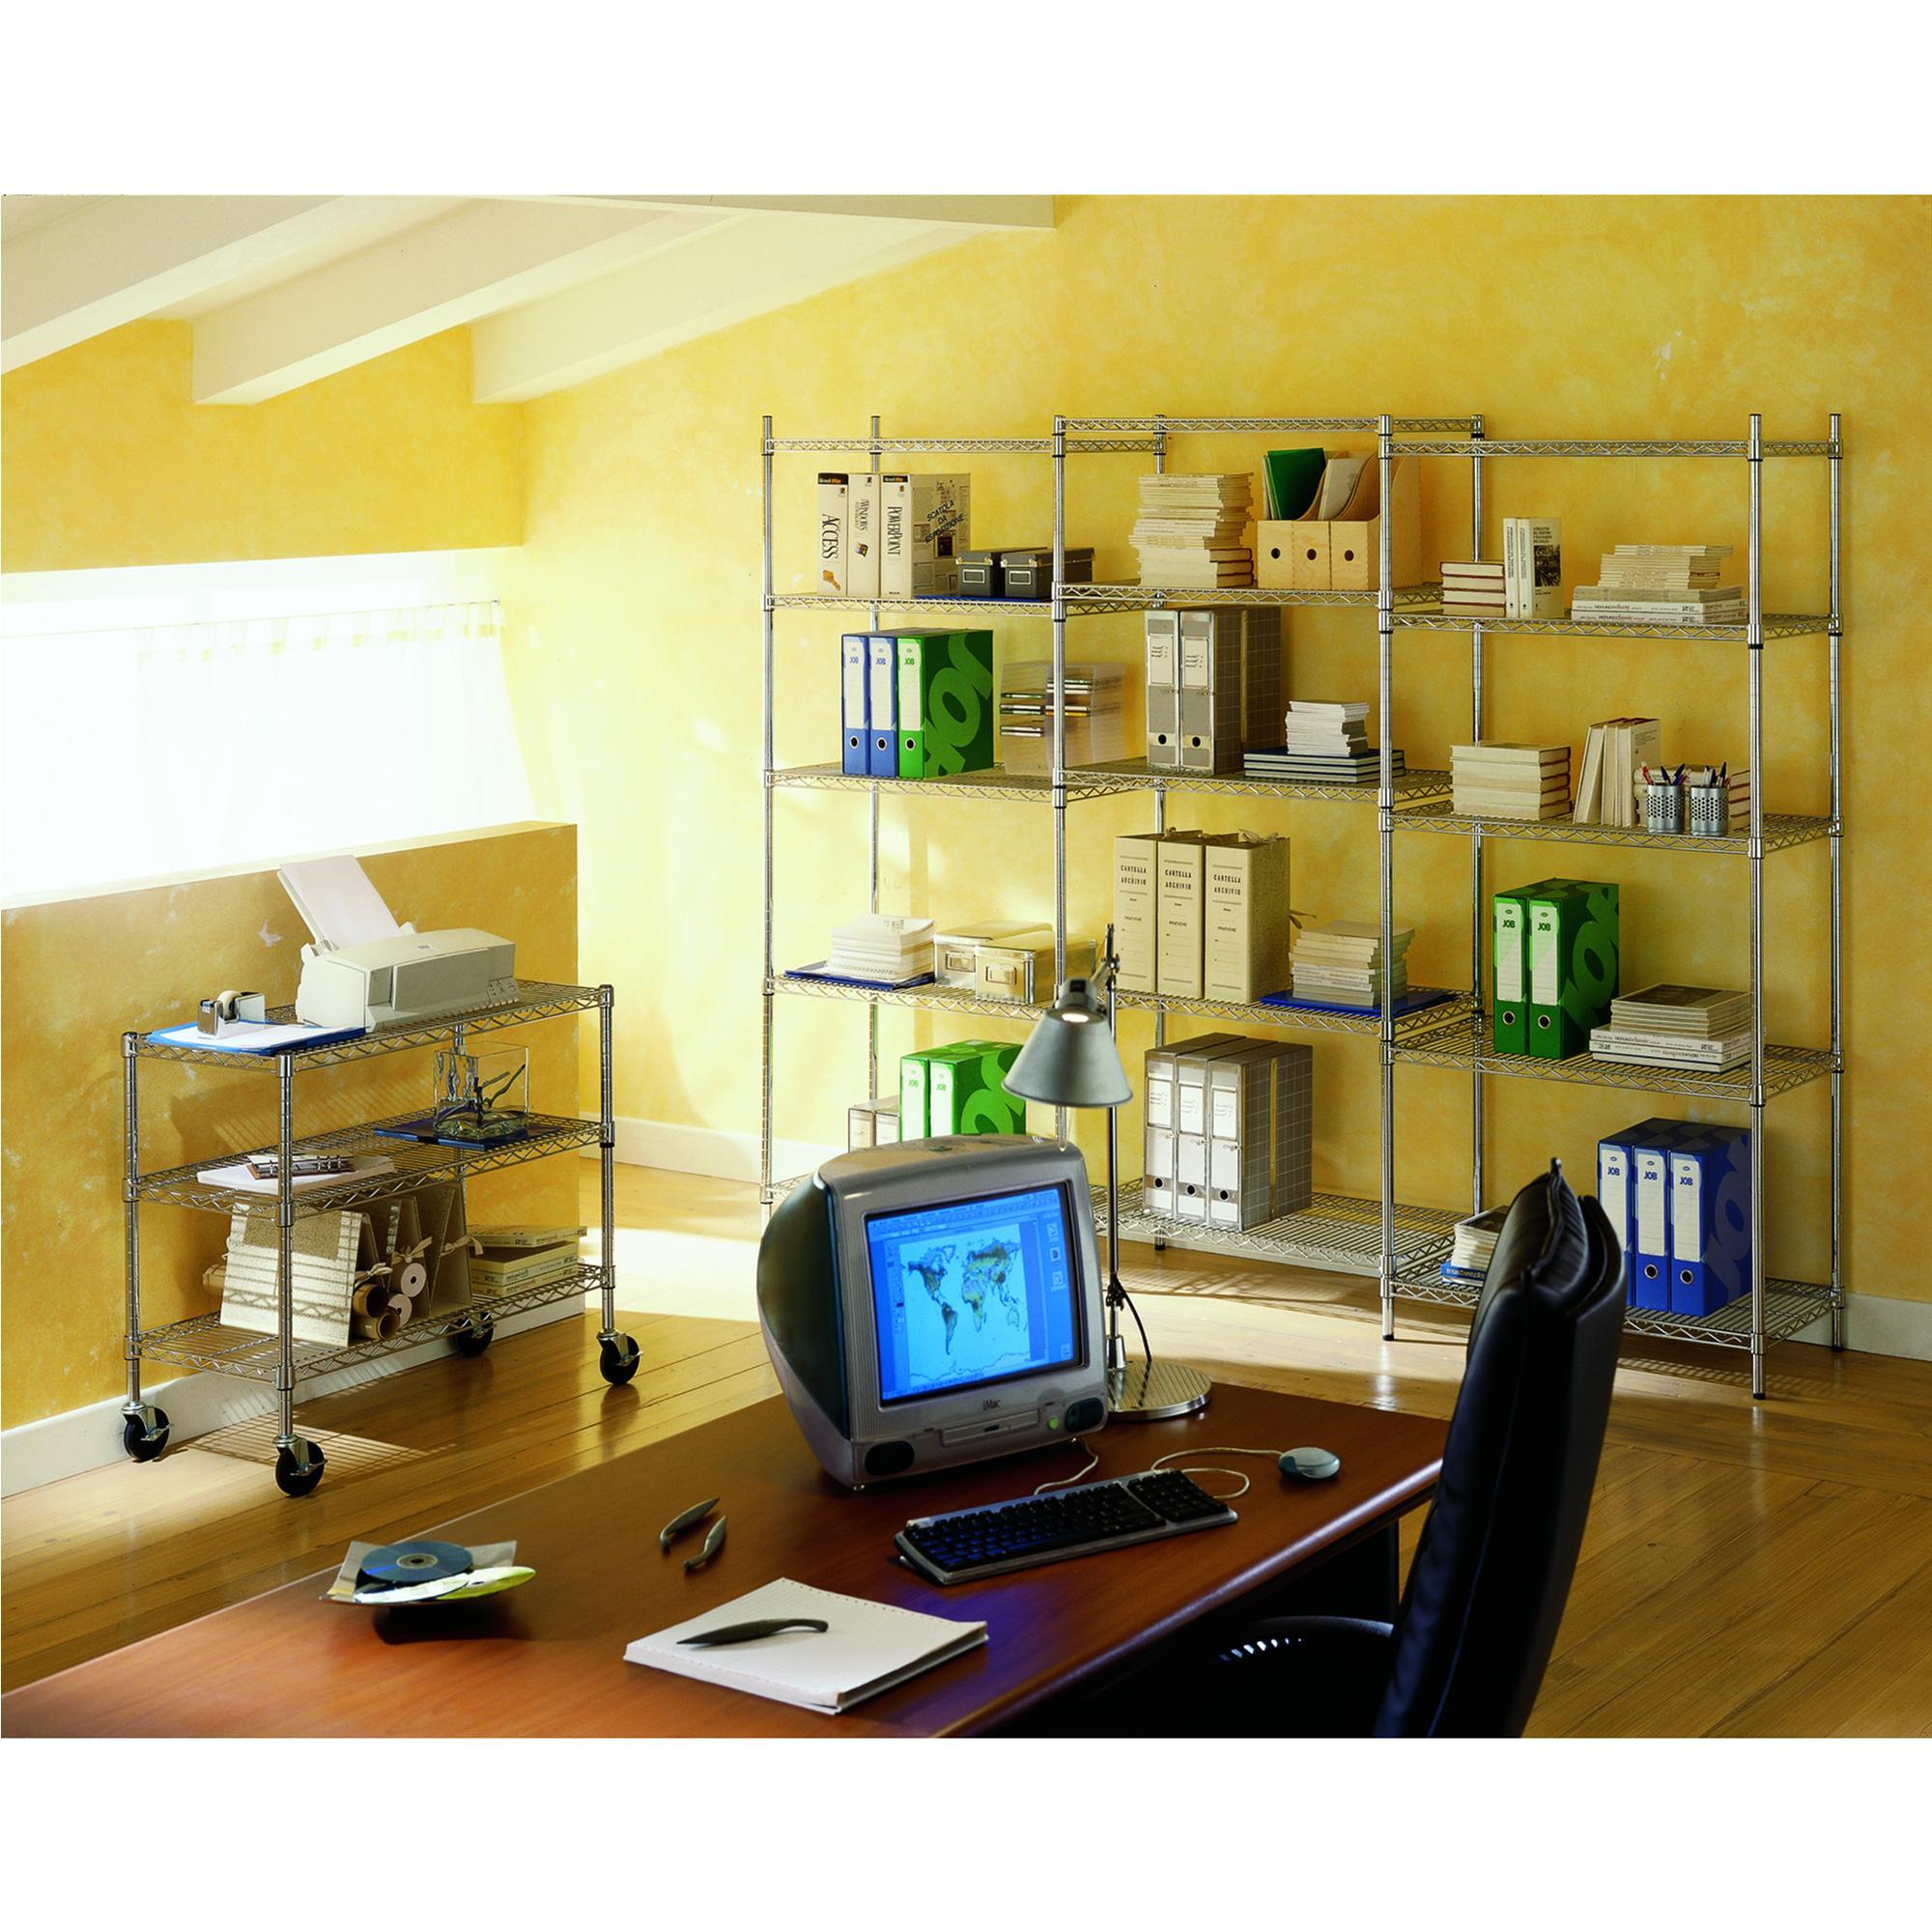 Scaffali Archimede System.Scaffale Cromato Con 5 Ripiani Cromato In Kit 45x90xh200 Cm Cromo Archimede System